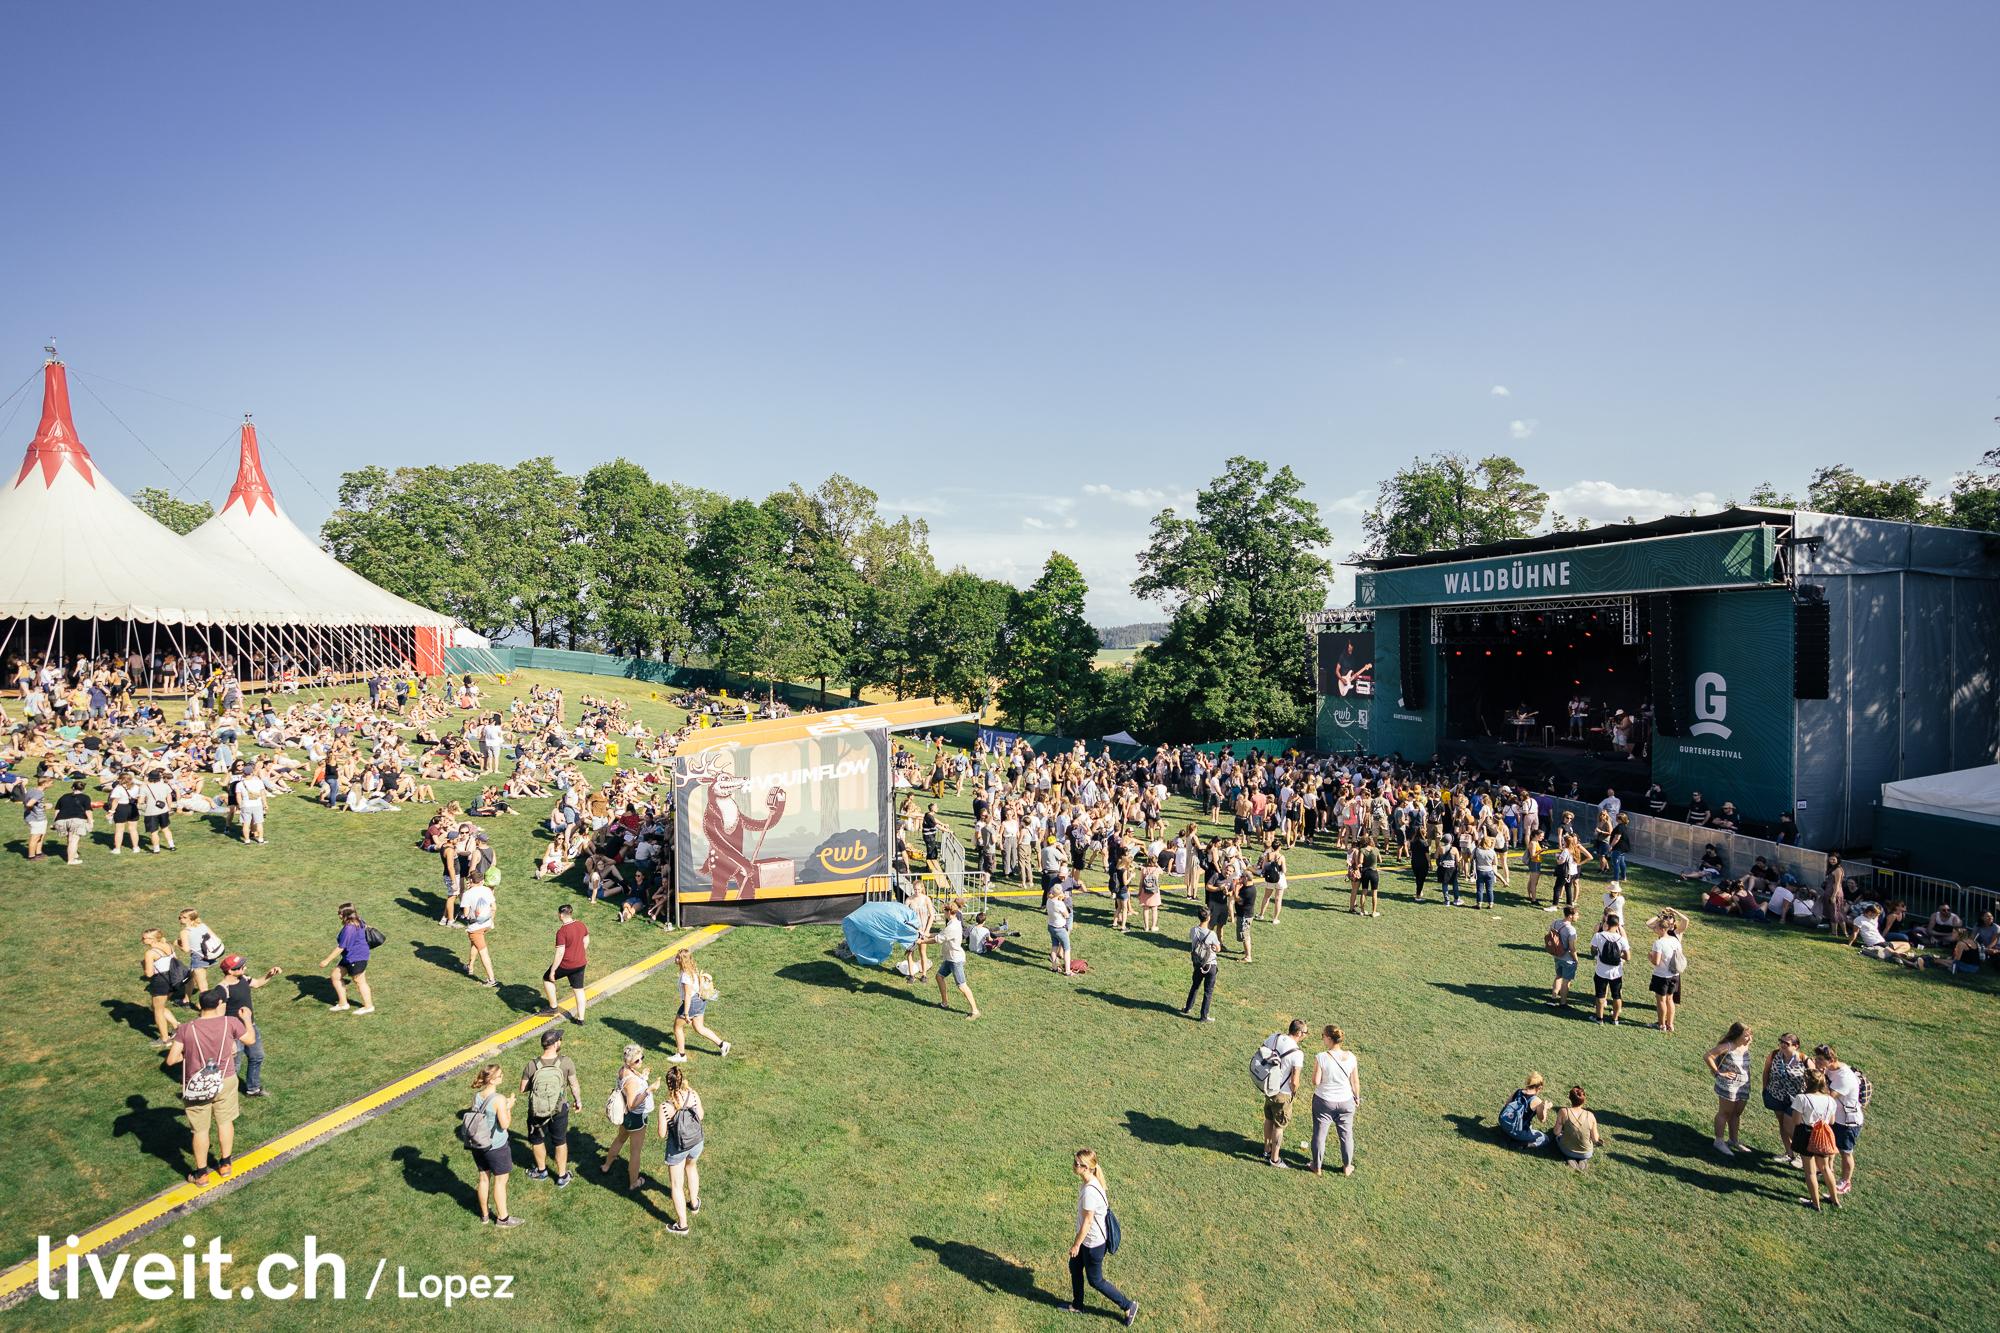 Mnevis am Gurtenfestival 2019